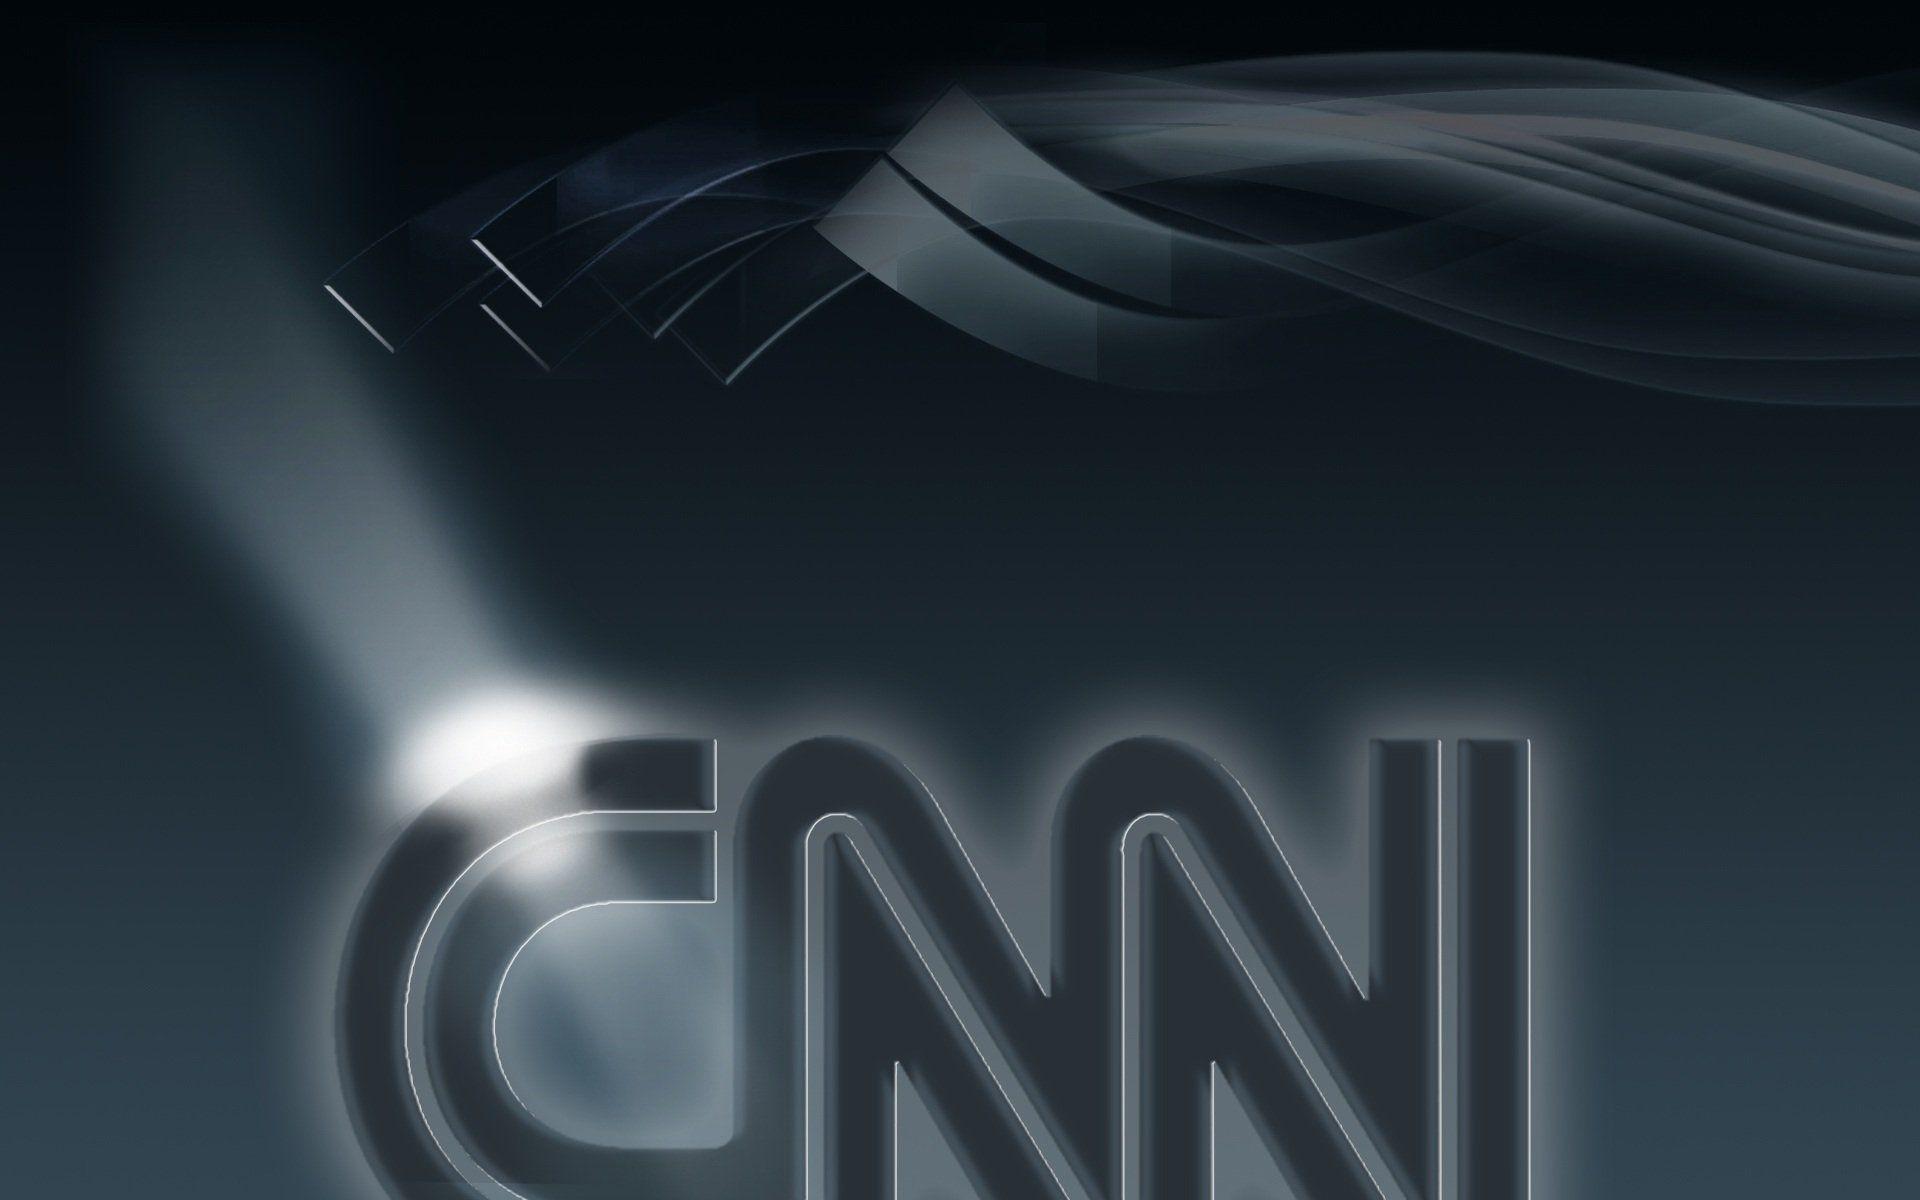 cnn wallpaper 72526